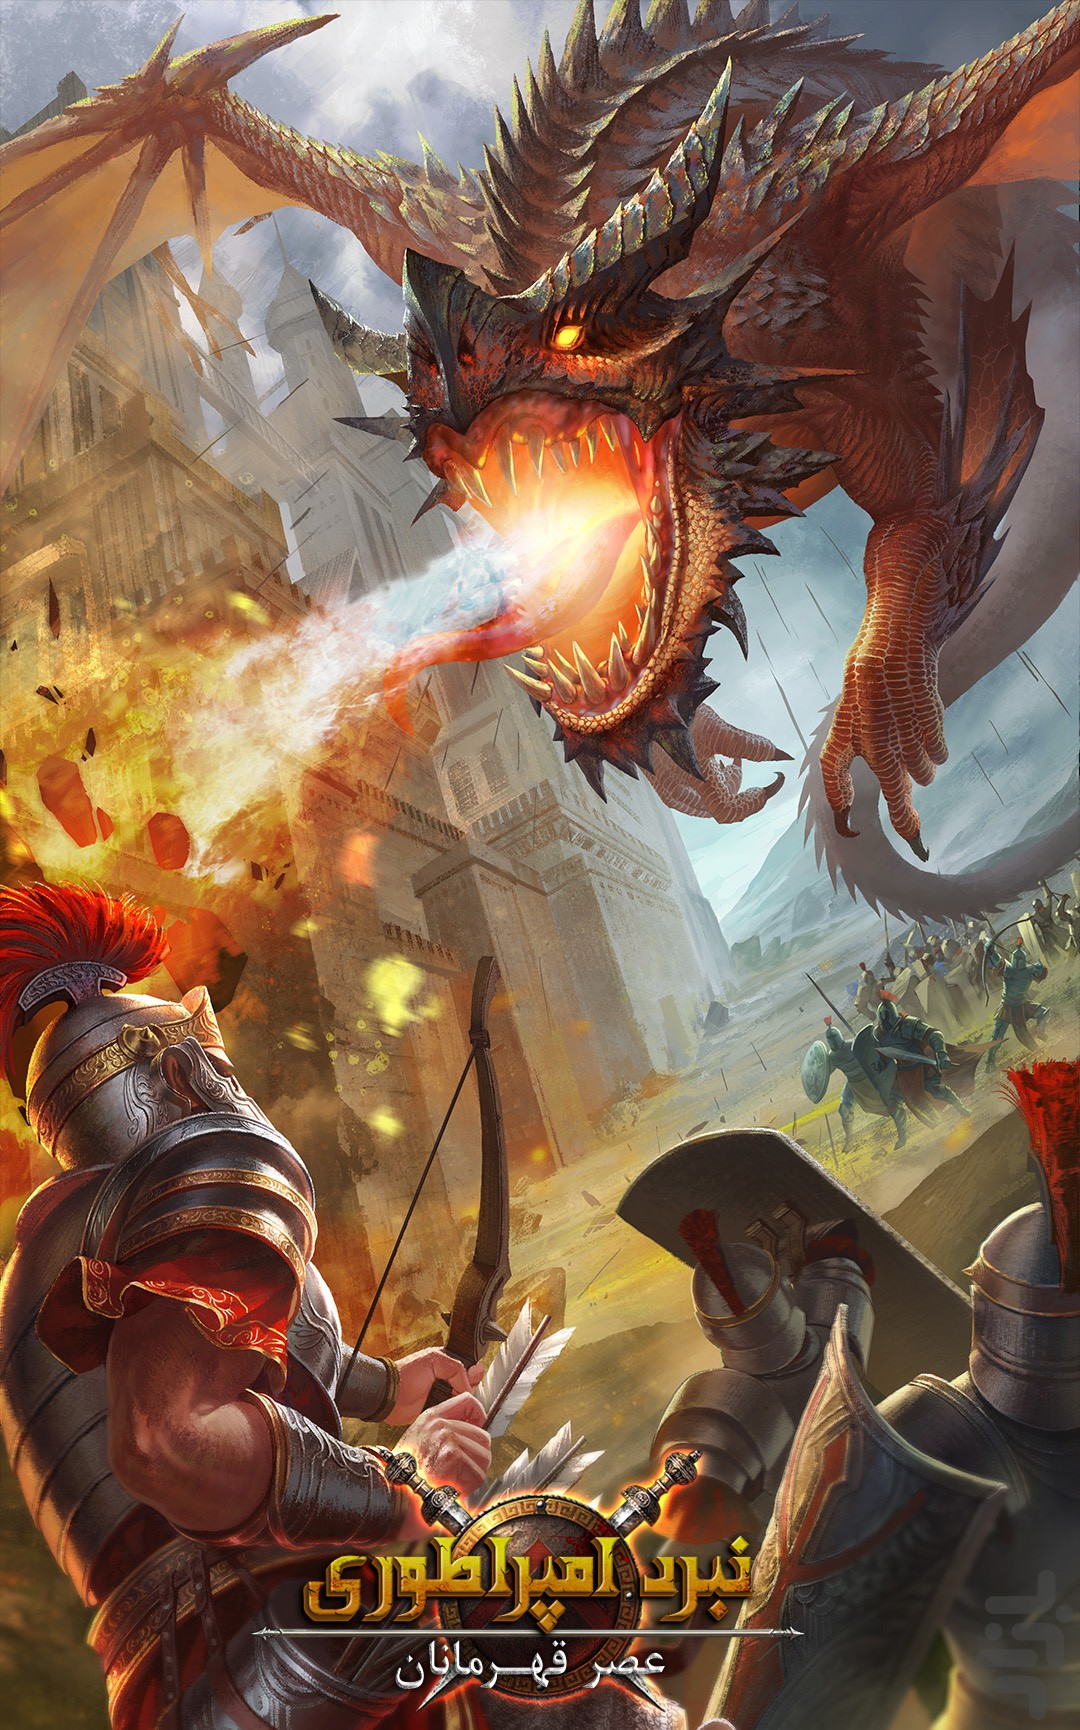 دانلود بازی نبرد امپراطوری عصر قهرمانان اندروید